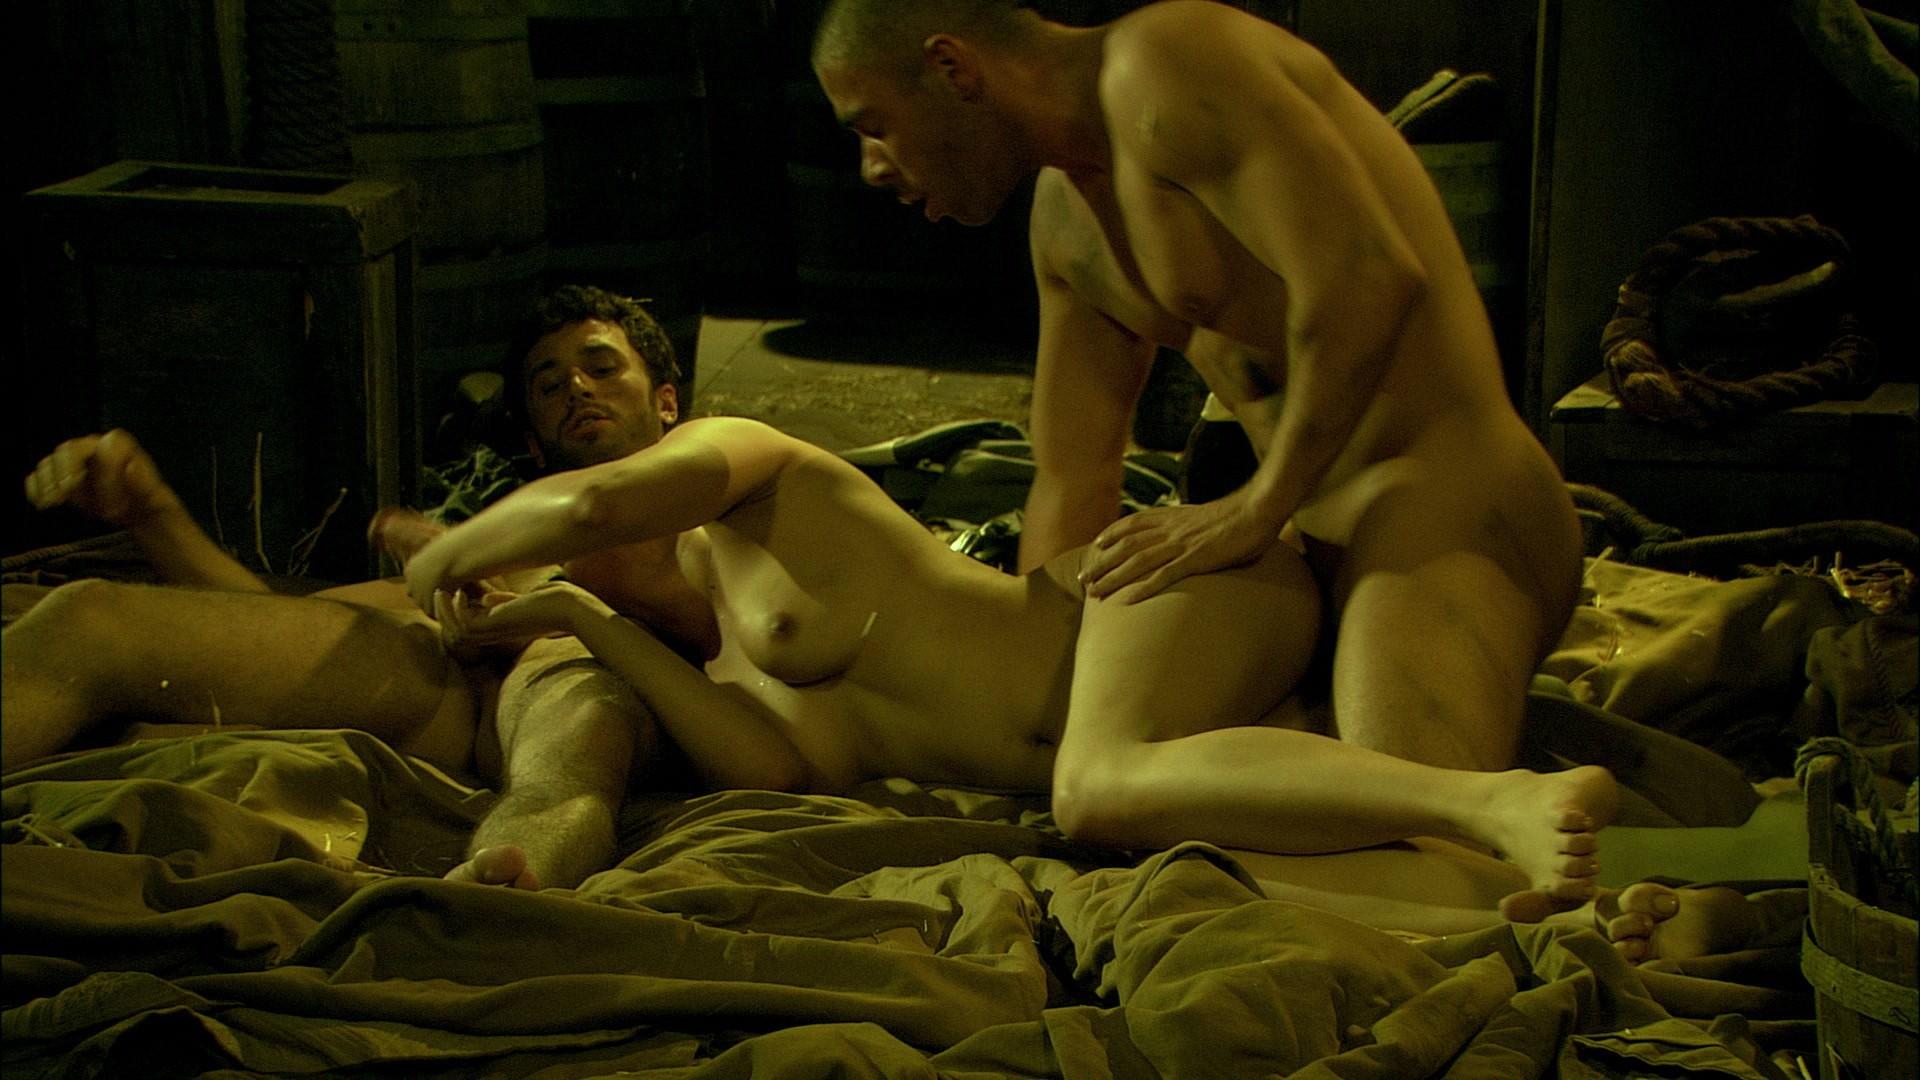 см жесткую эротику фильм - 3